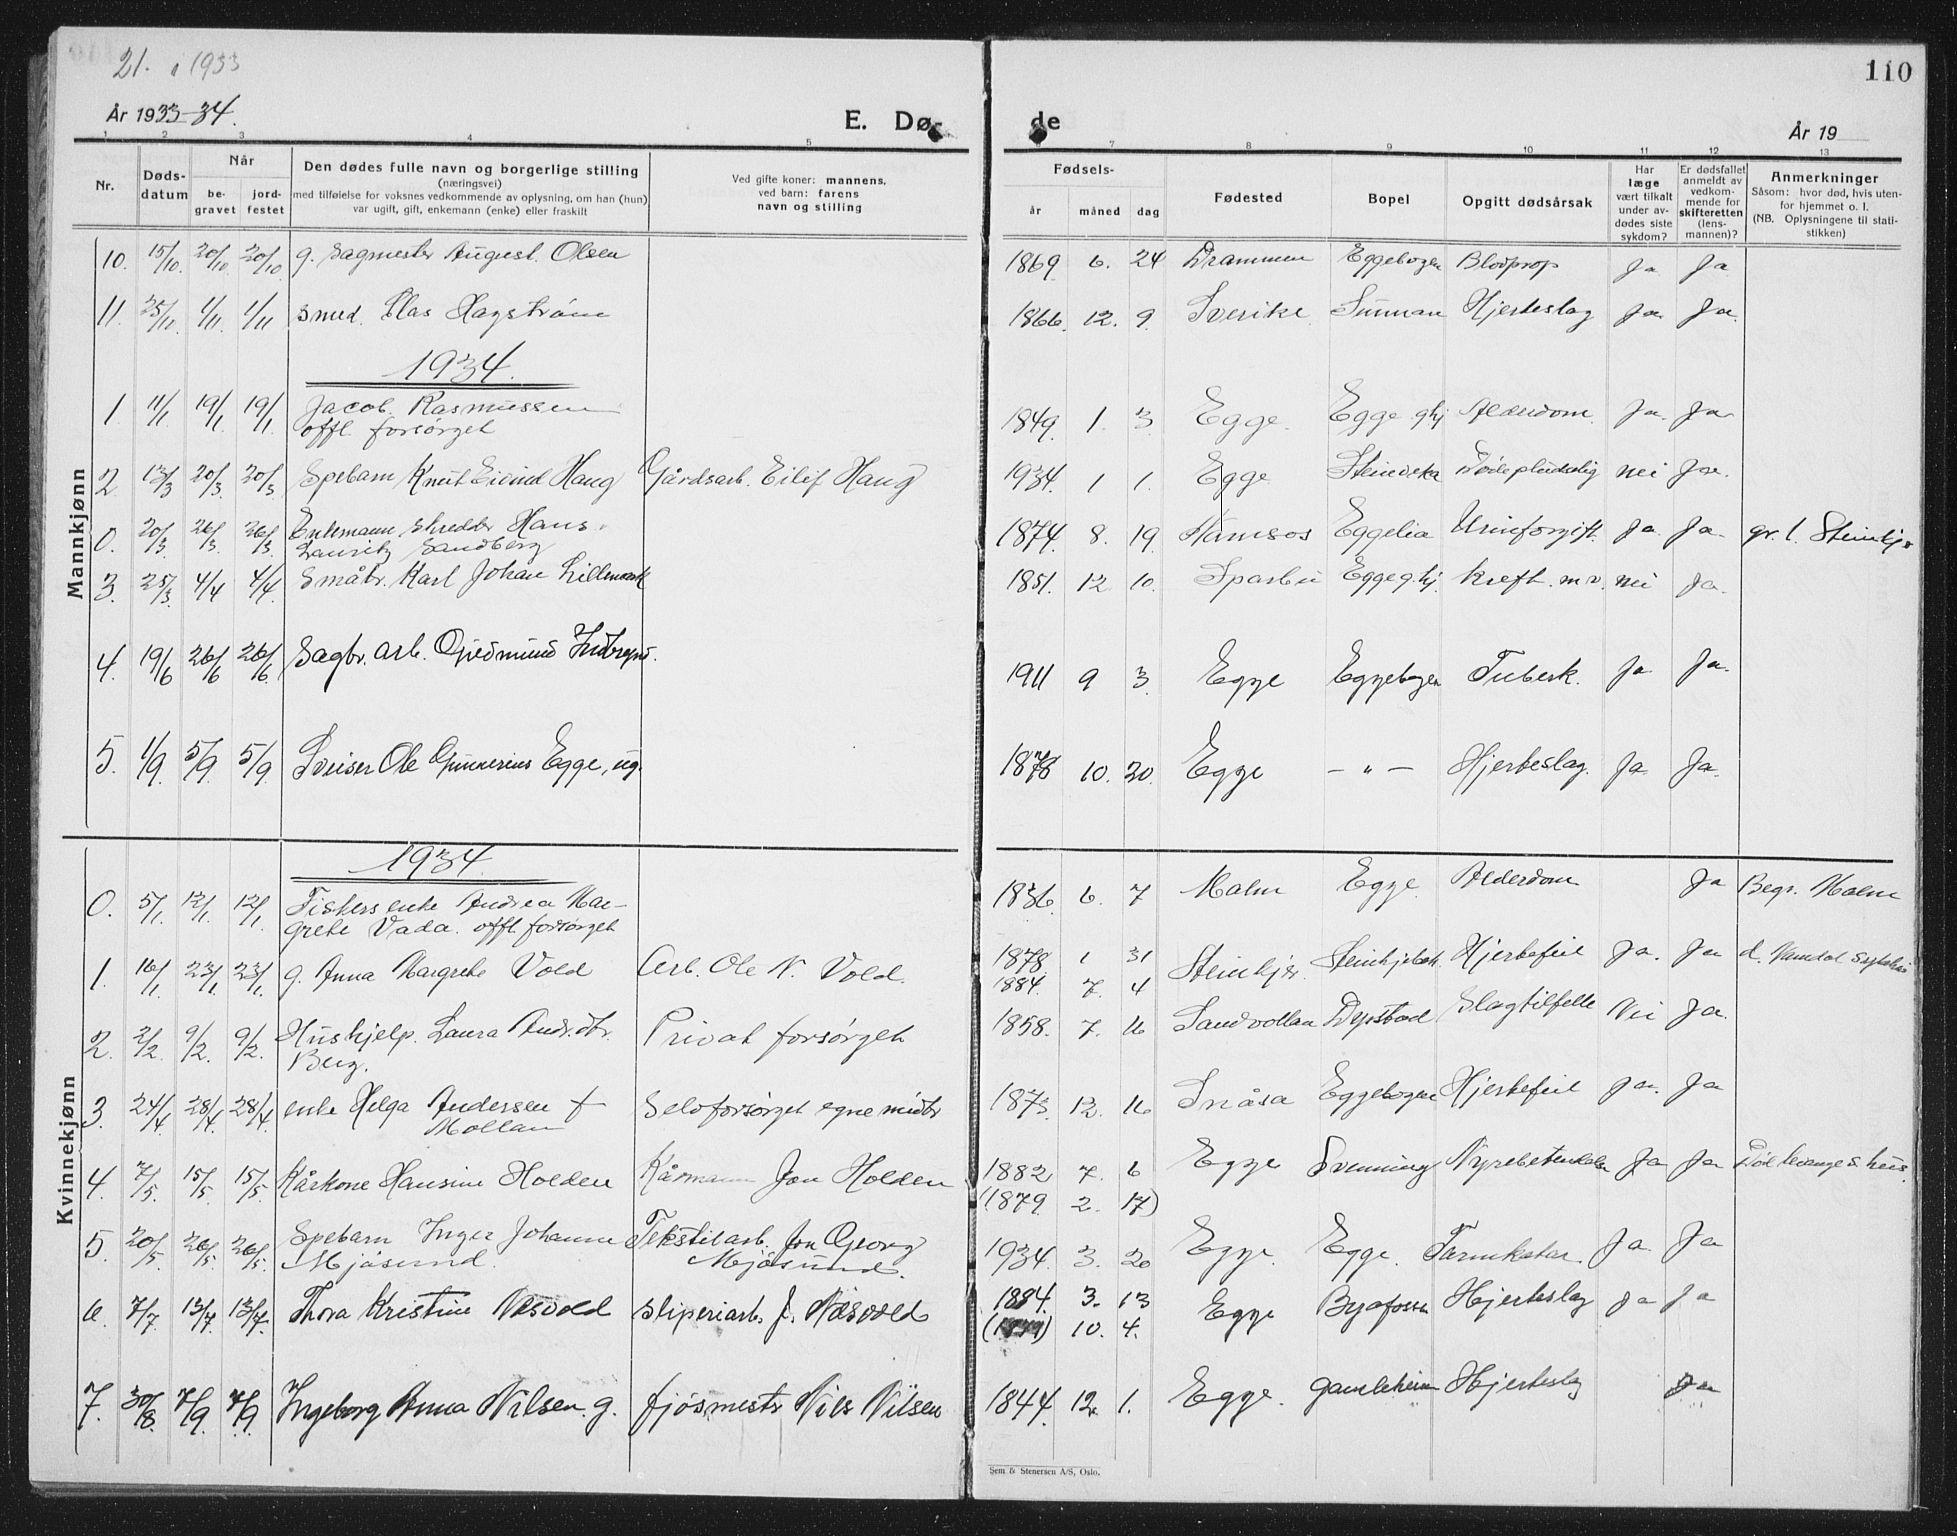 SAT, Ministerialprotokoller, klokkerbøker og fødselsregistre - Nord-Trøndelag, 740/L0383: Klokkerbok nr. 740C04, 1927-1939, s. 110